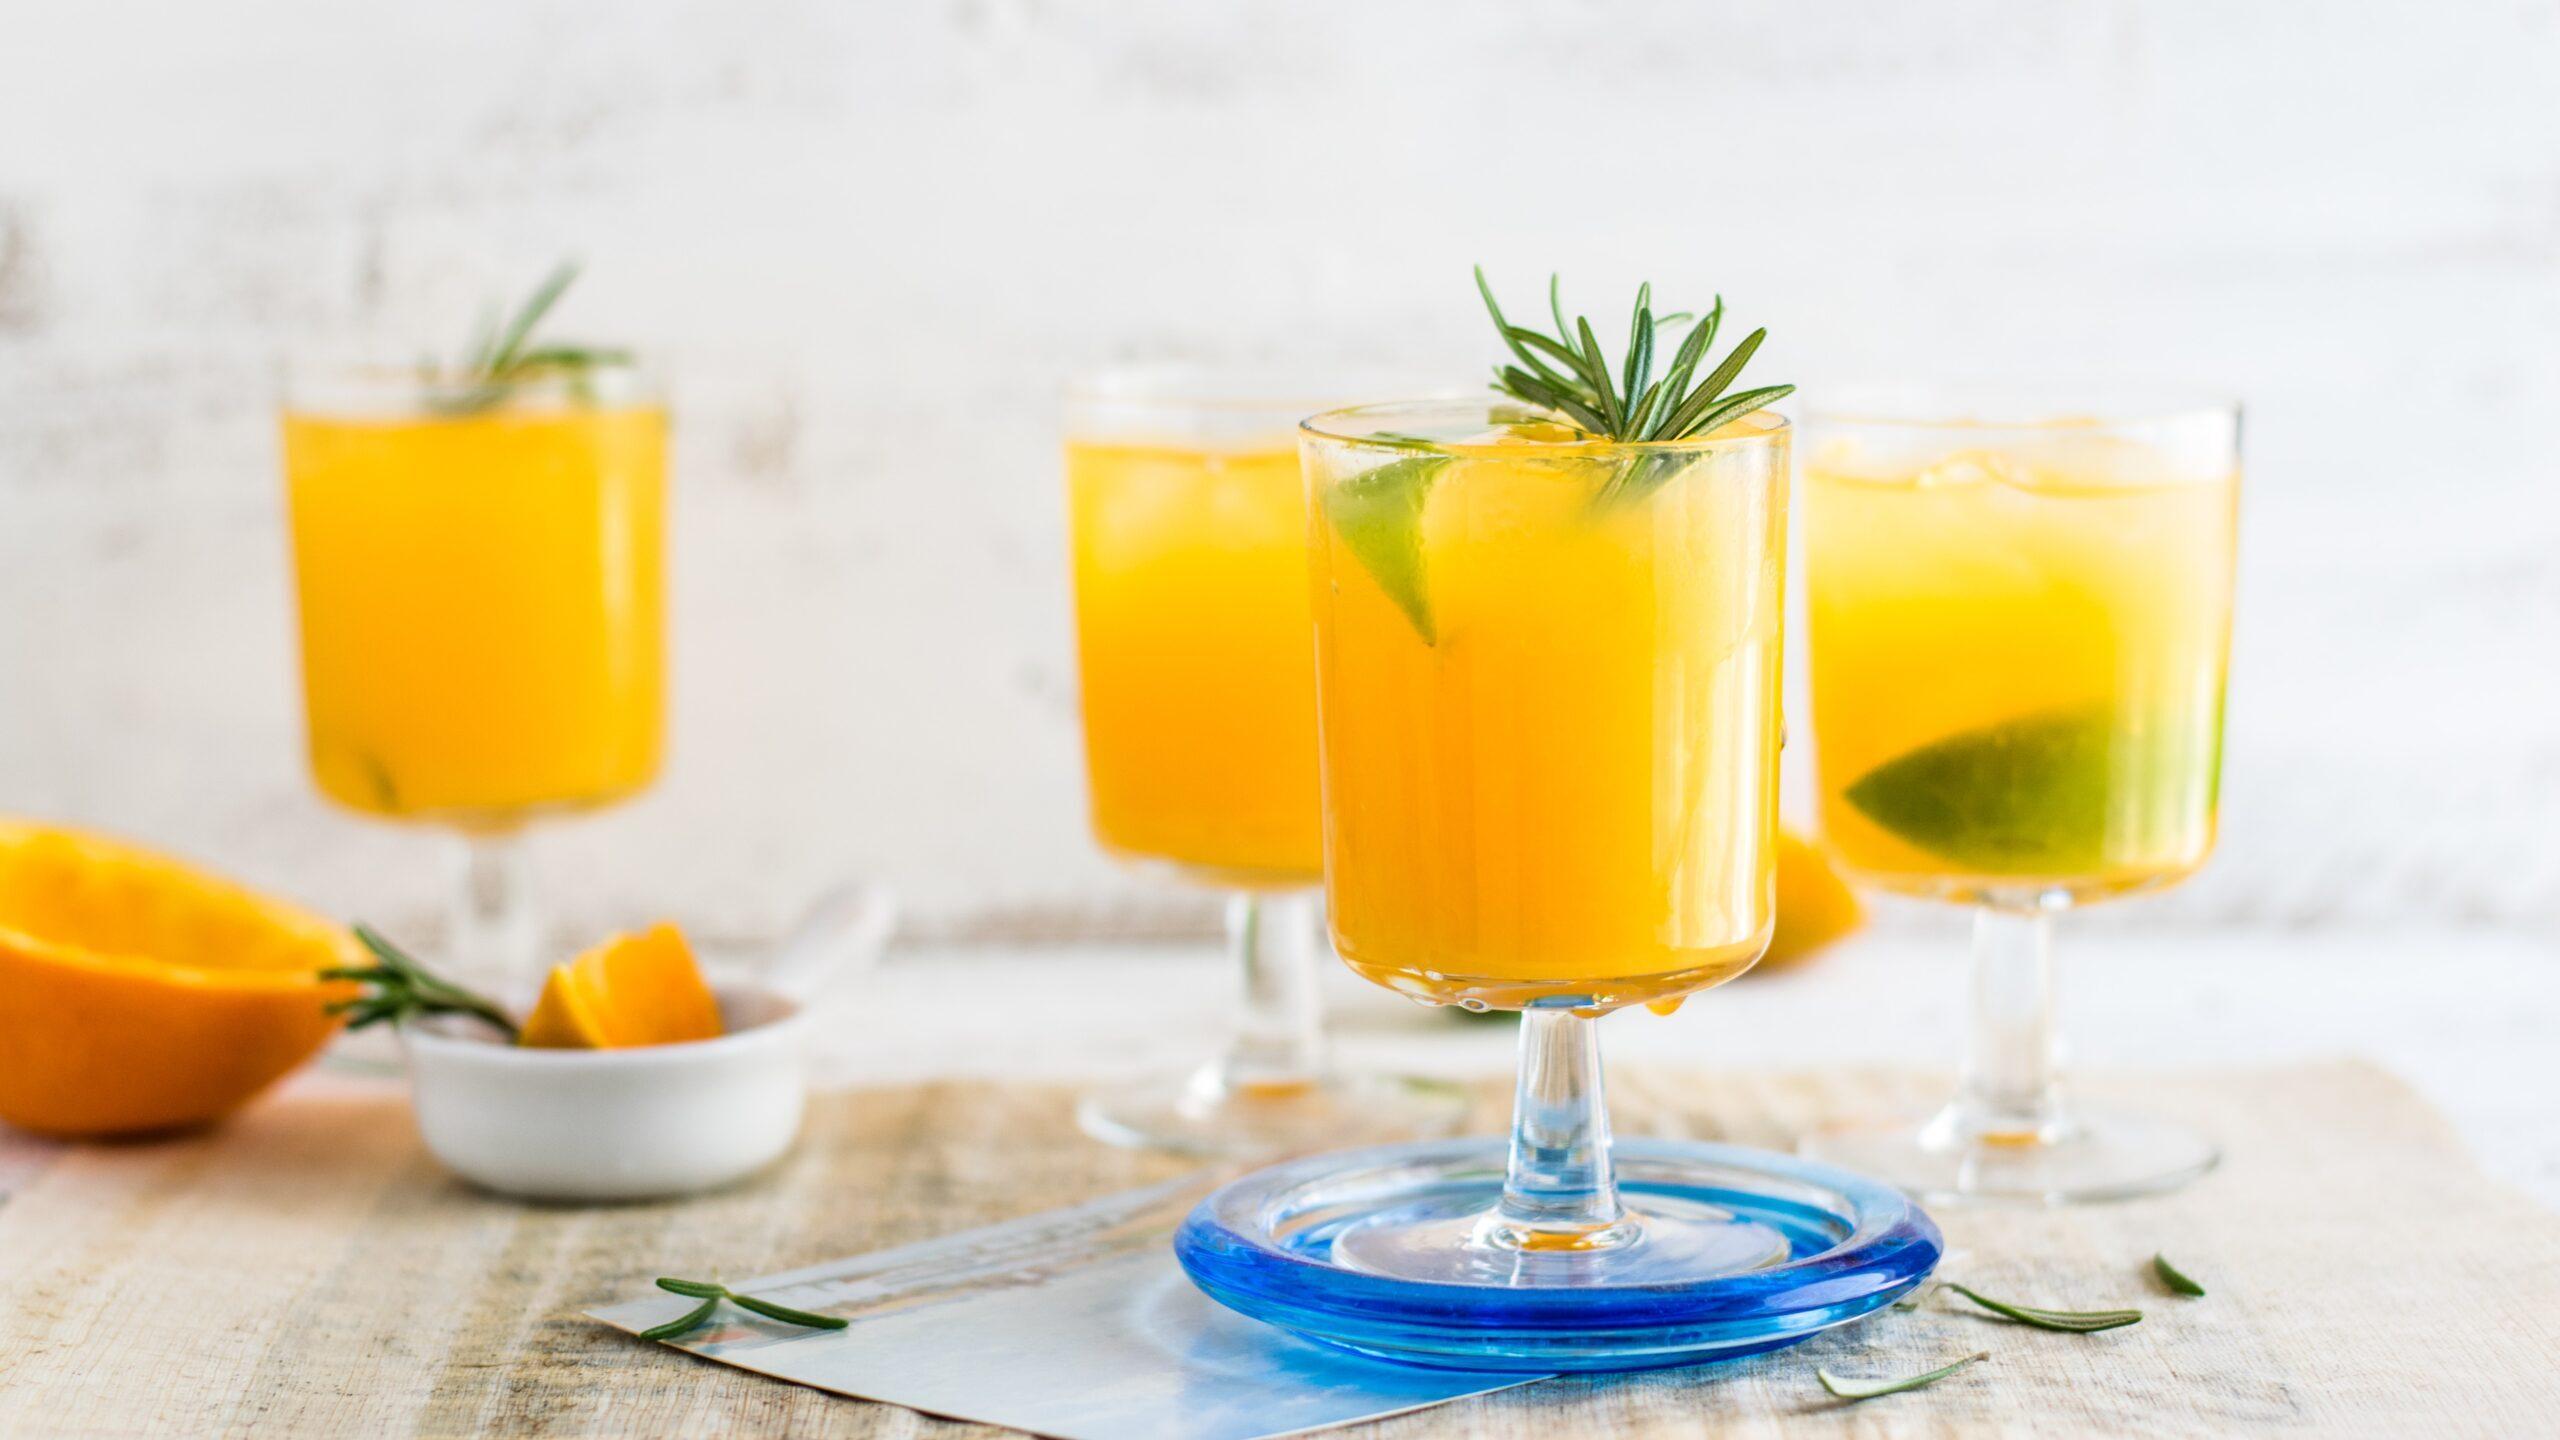 The best mango spritz recipe from an expert